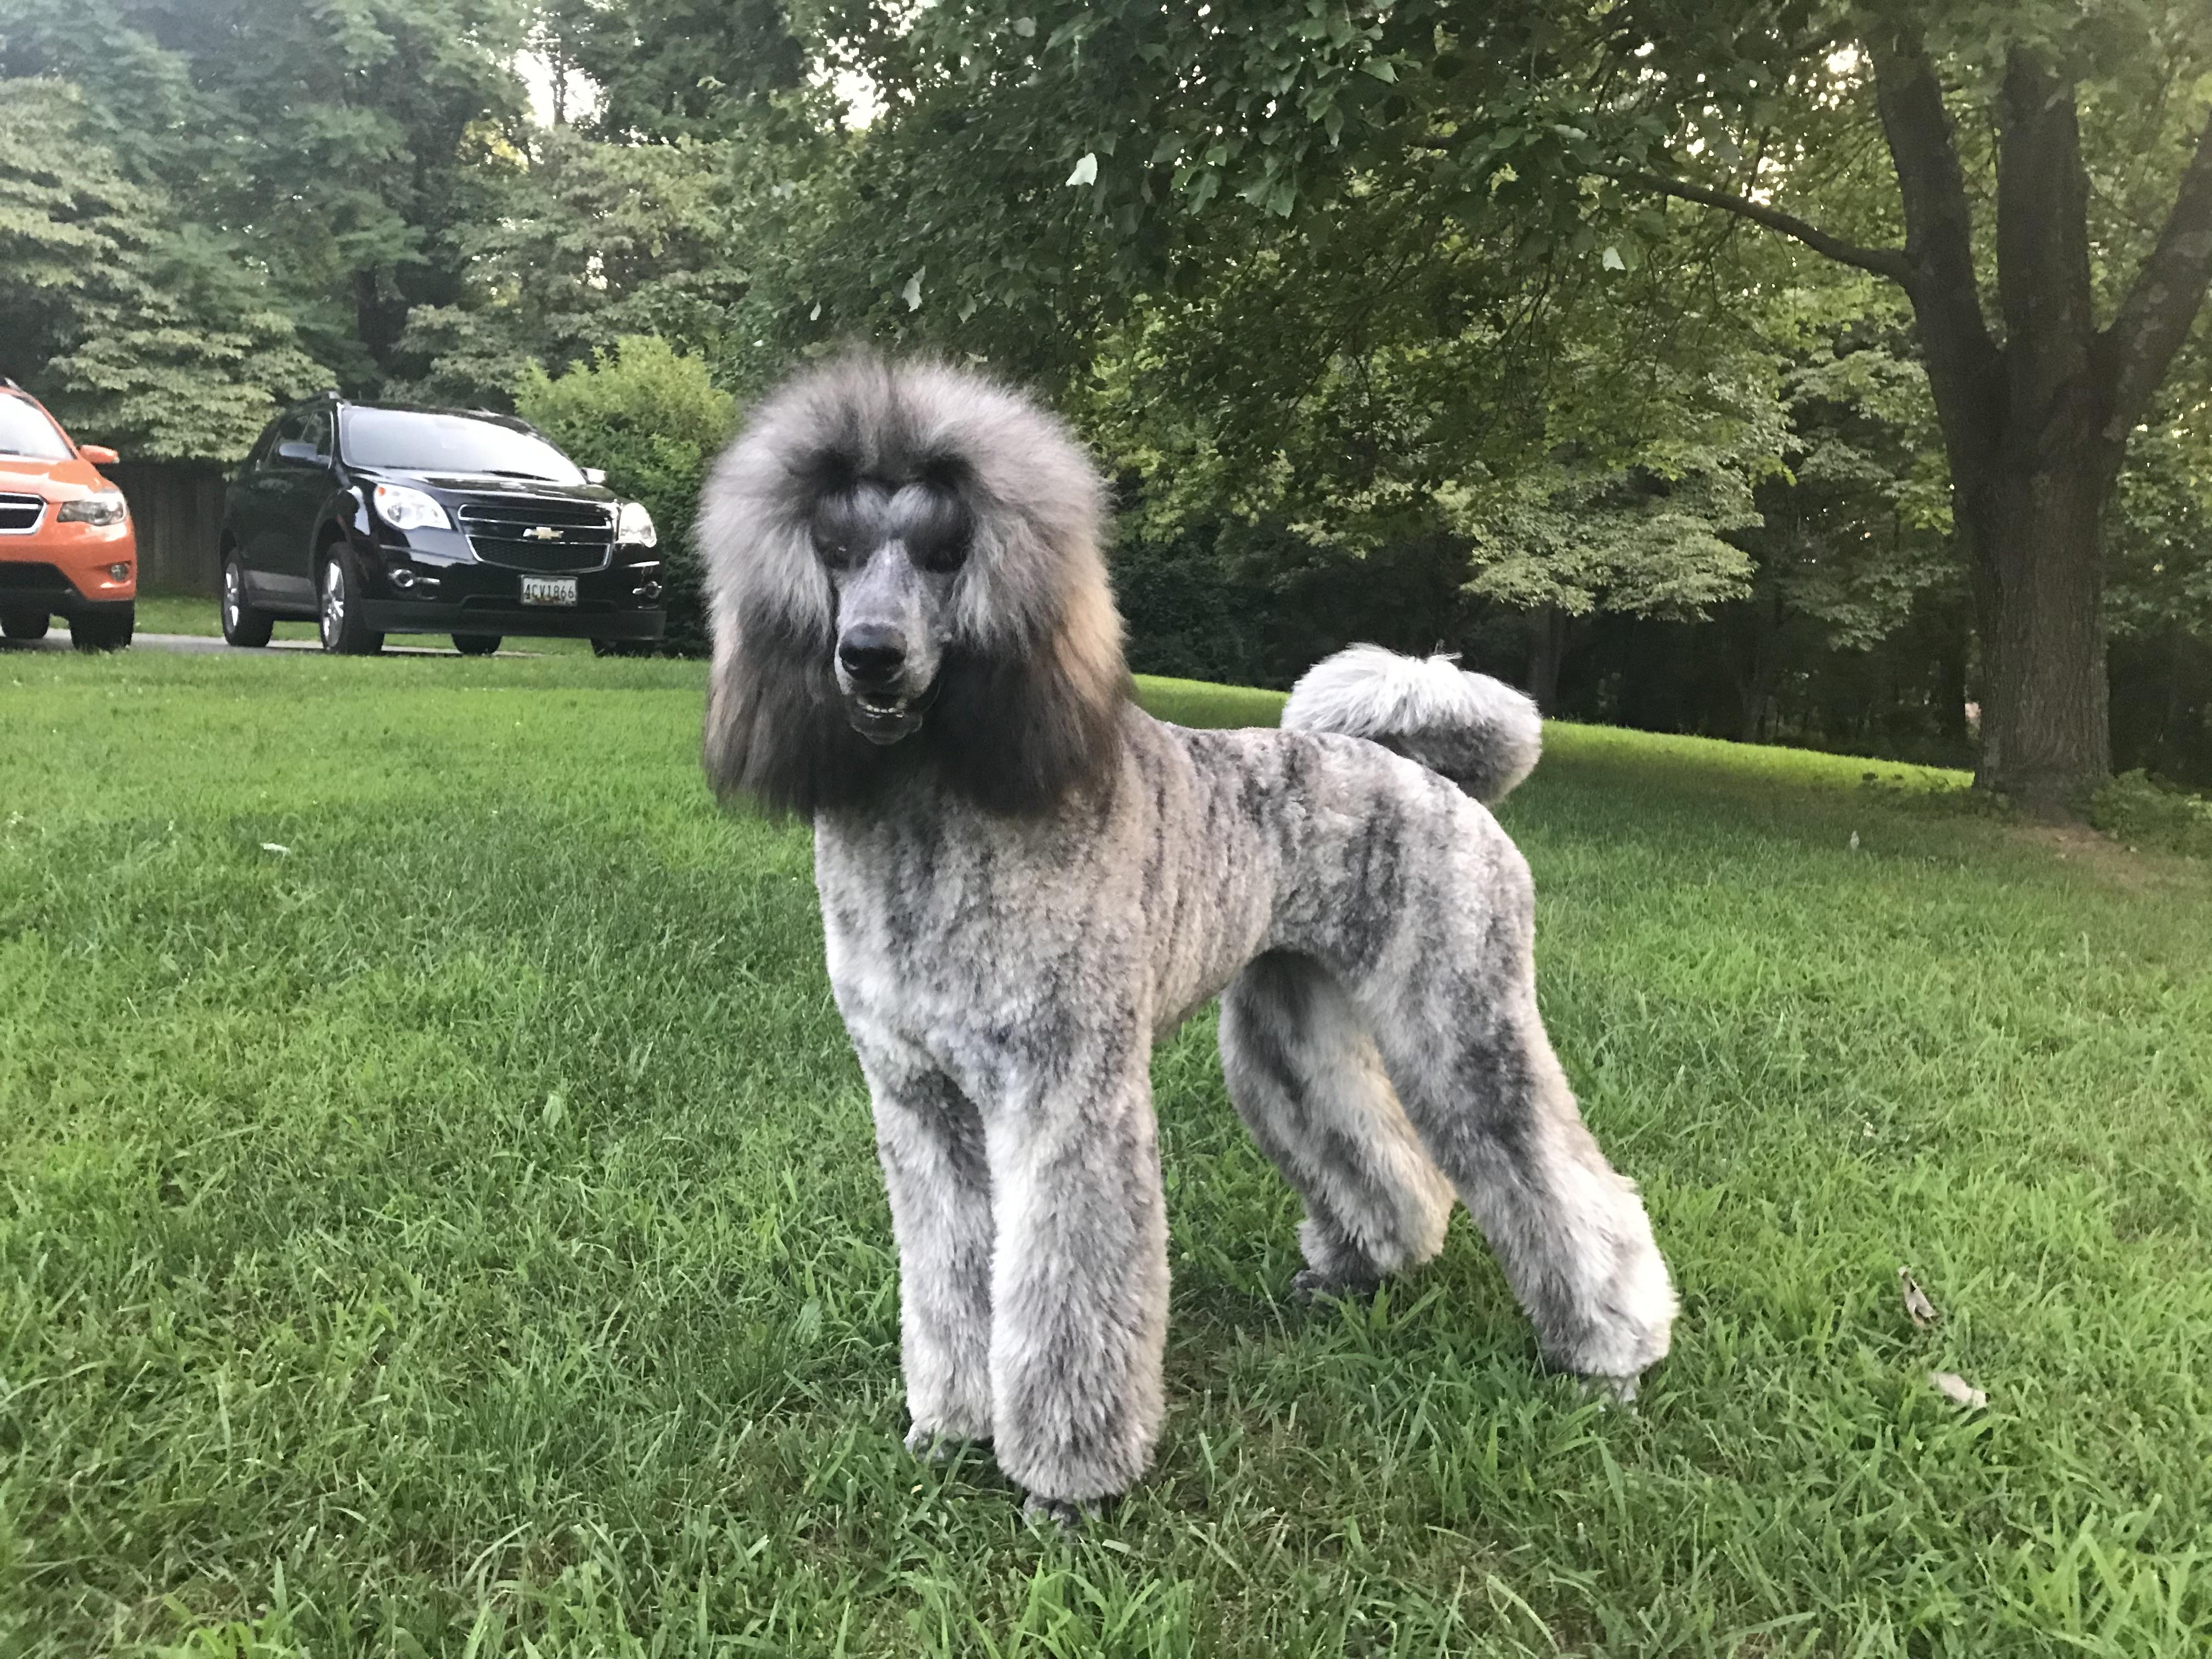 Freya the Standard Poodle